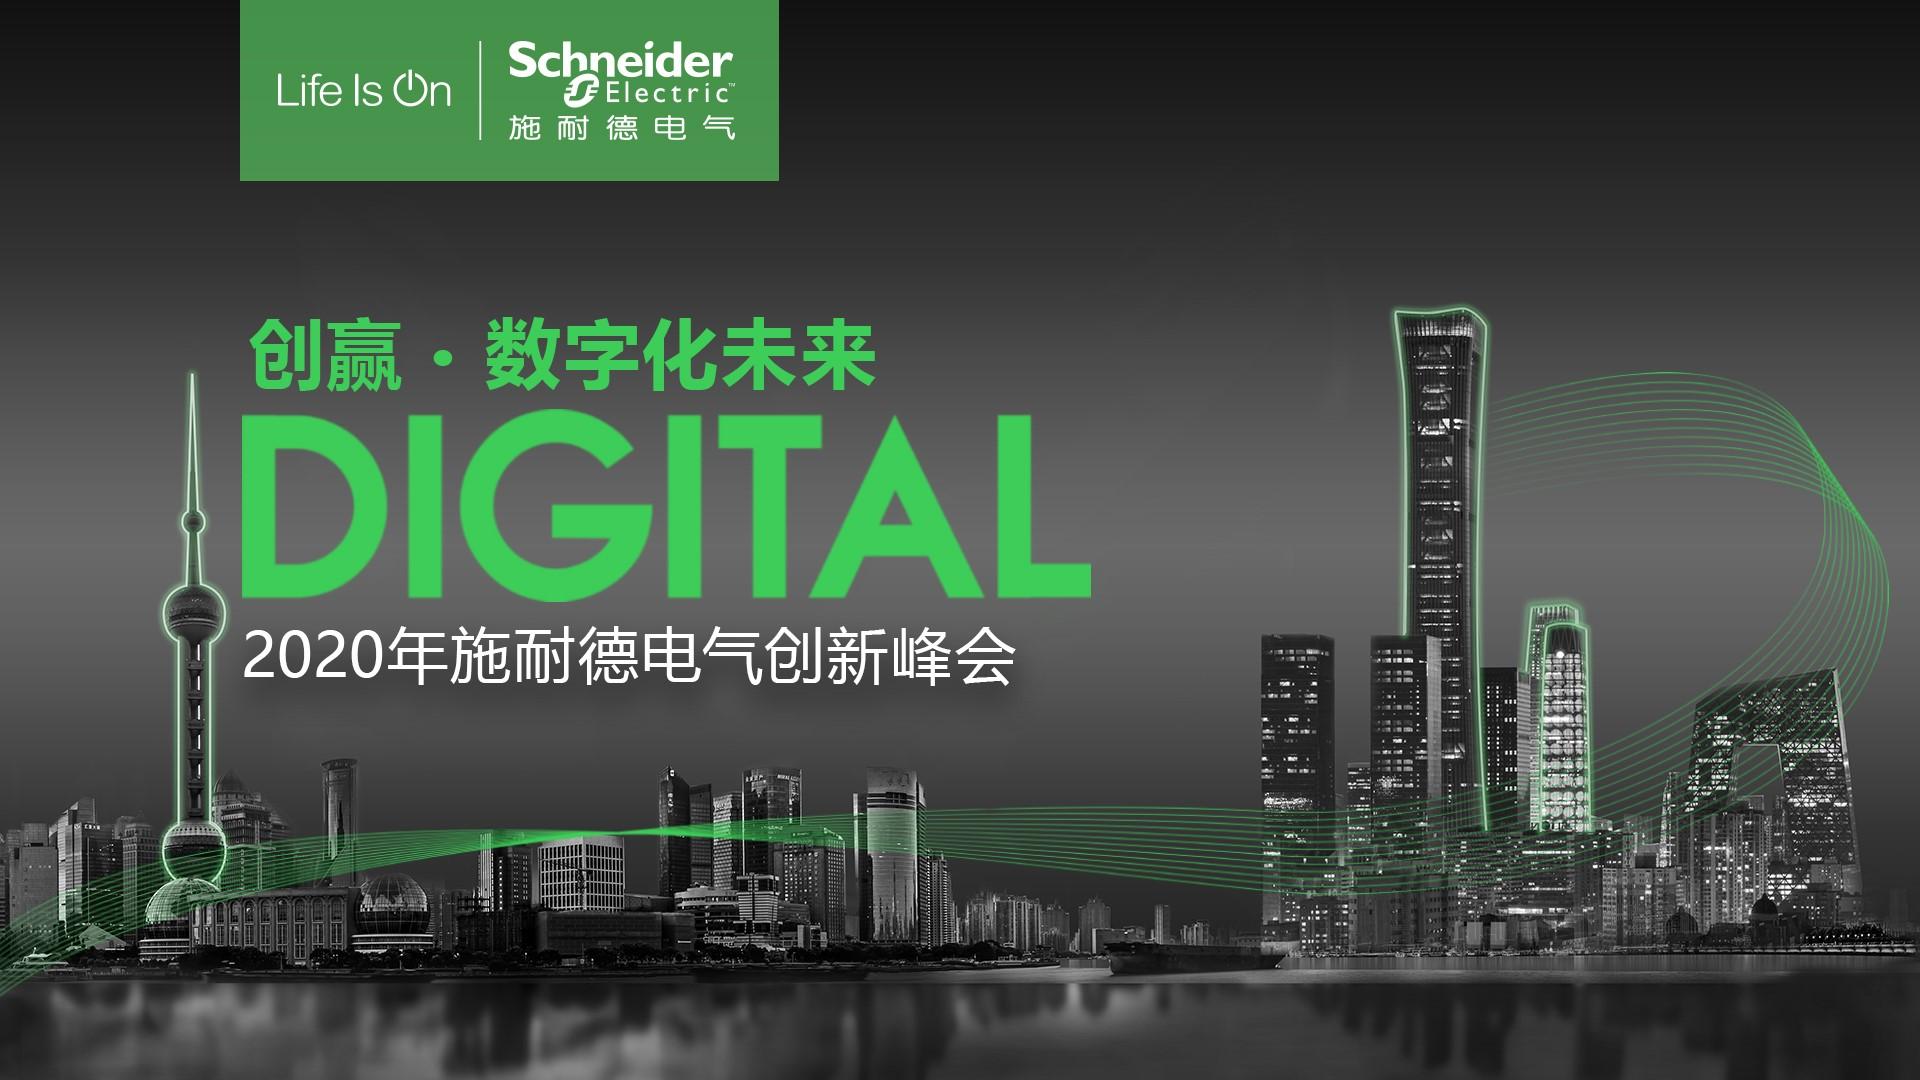 数字经济、绿色发展为两翼,刘世锦谈未来十年中国经济增长潜能